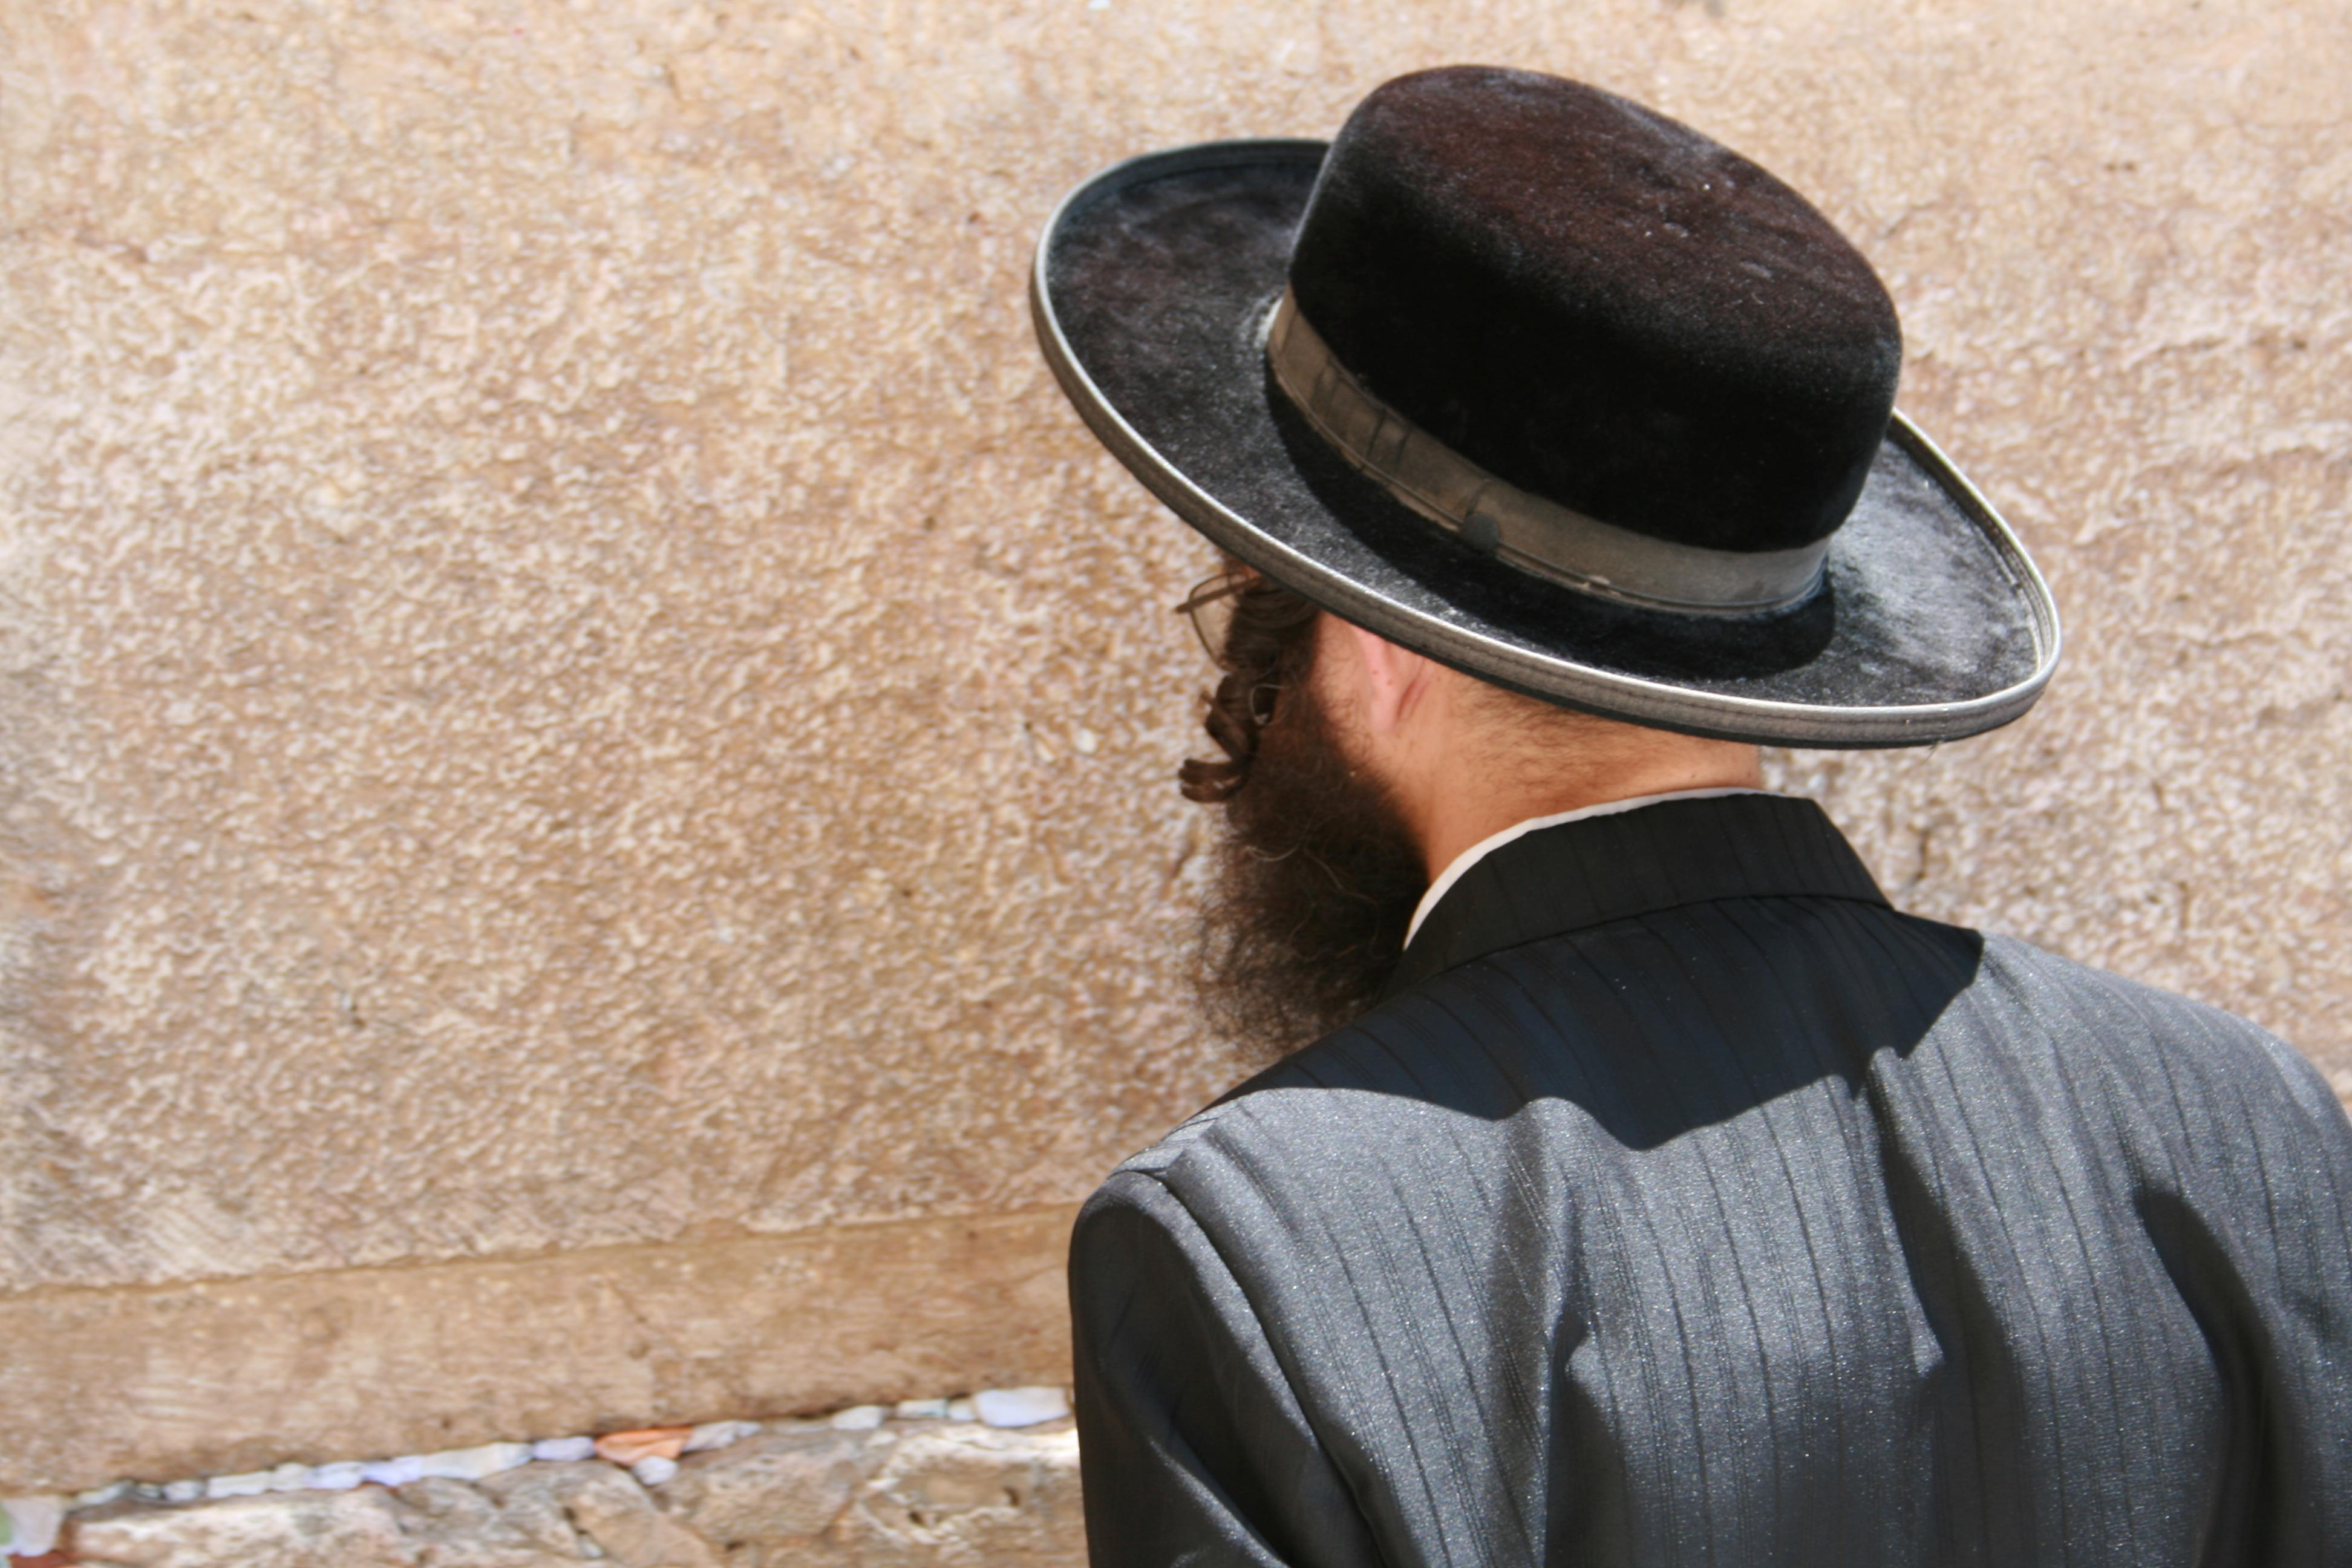 1108545 54529670 - Dokonalý Žid